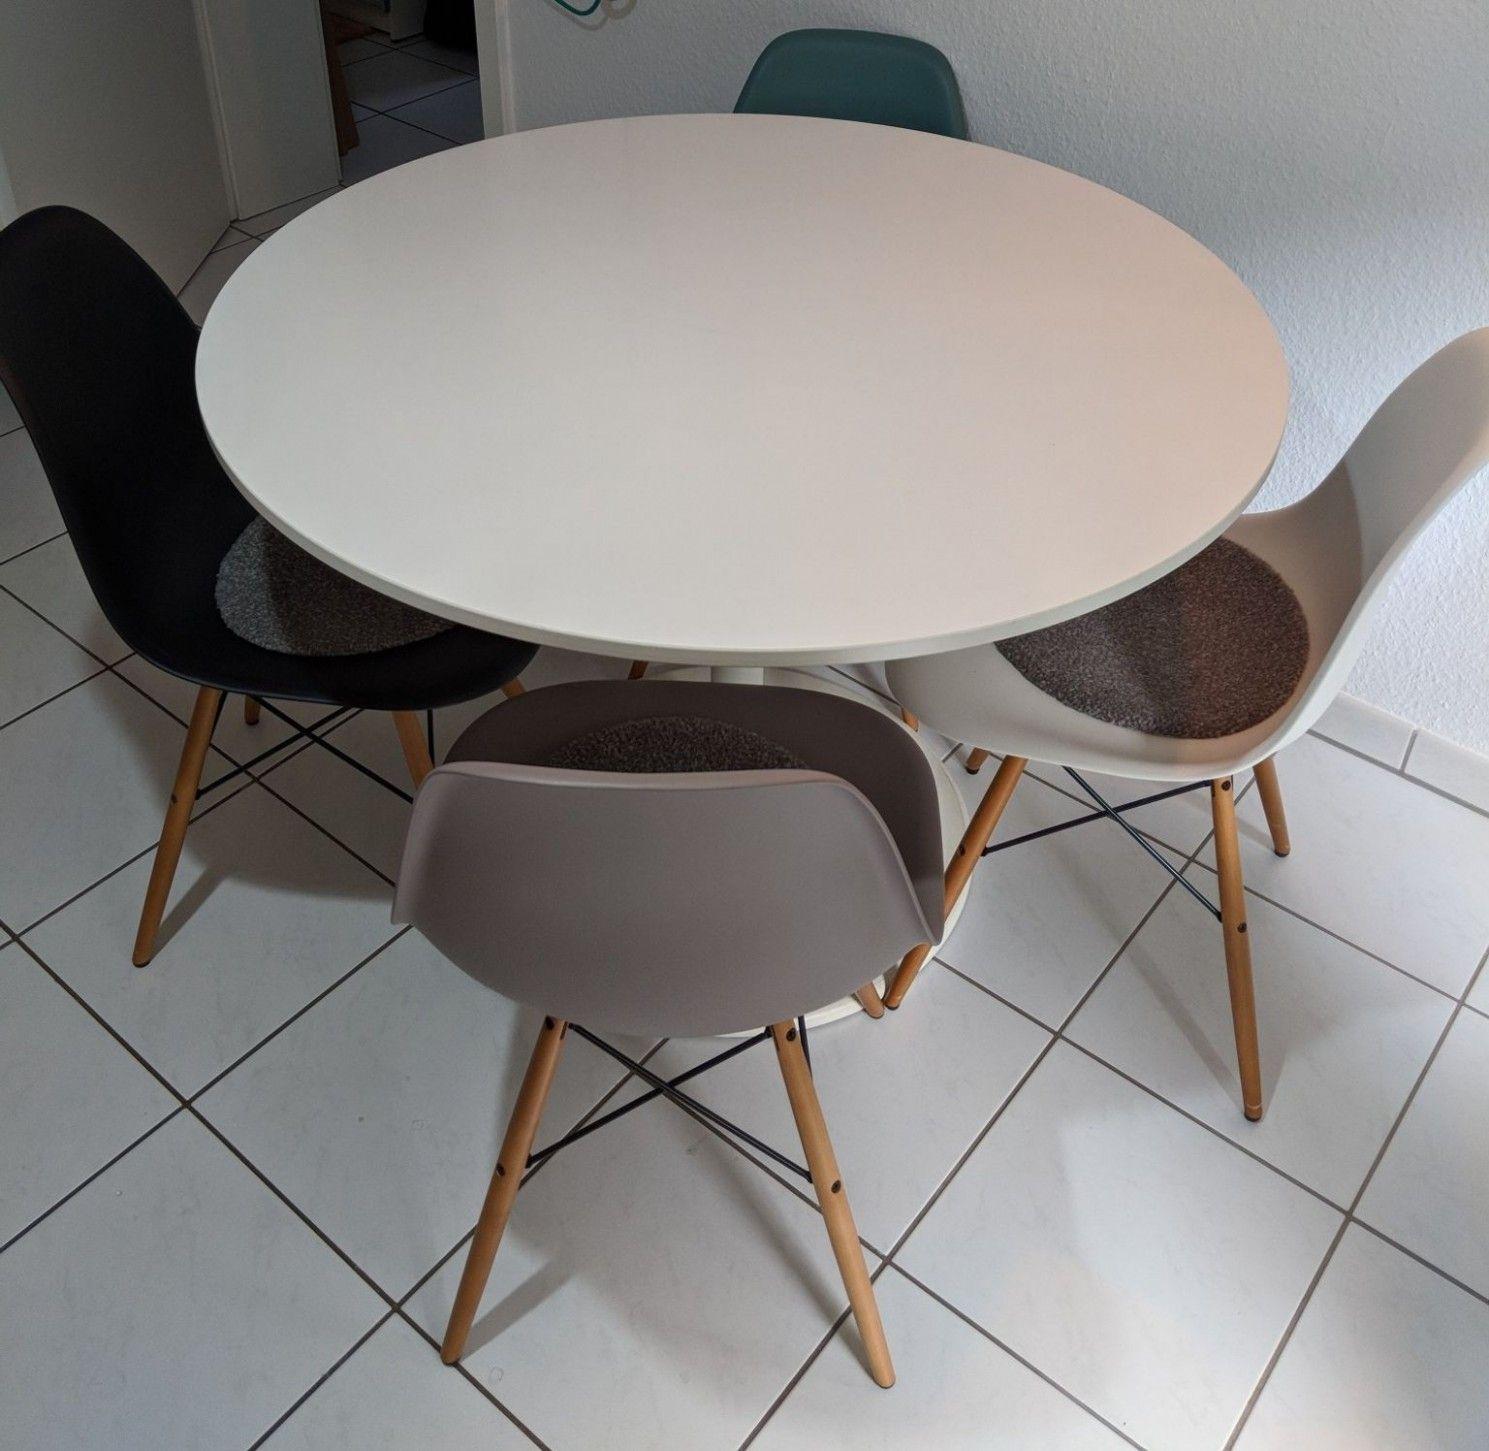 Hier Ist Der Grund Warum Sie An Runder Esstisch Ikea Teilnehmen Sollten In 2020 Ikea Esstisch Runder Esstisch Couchtisch Rund